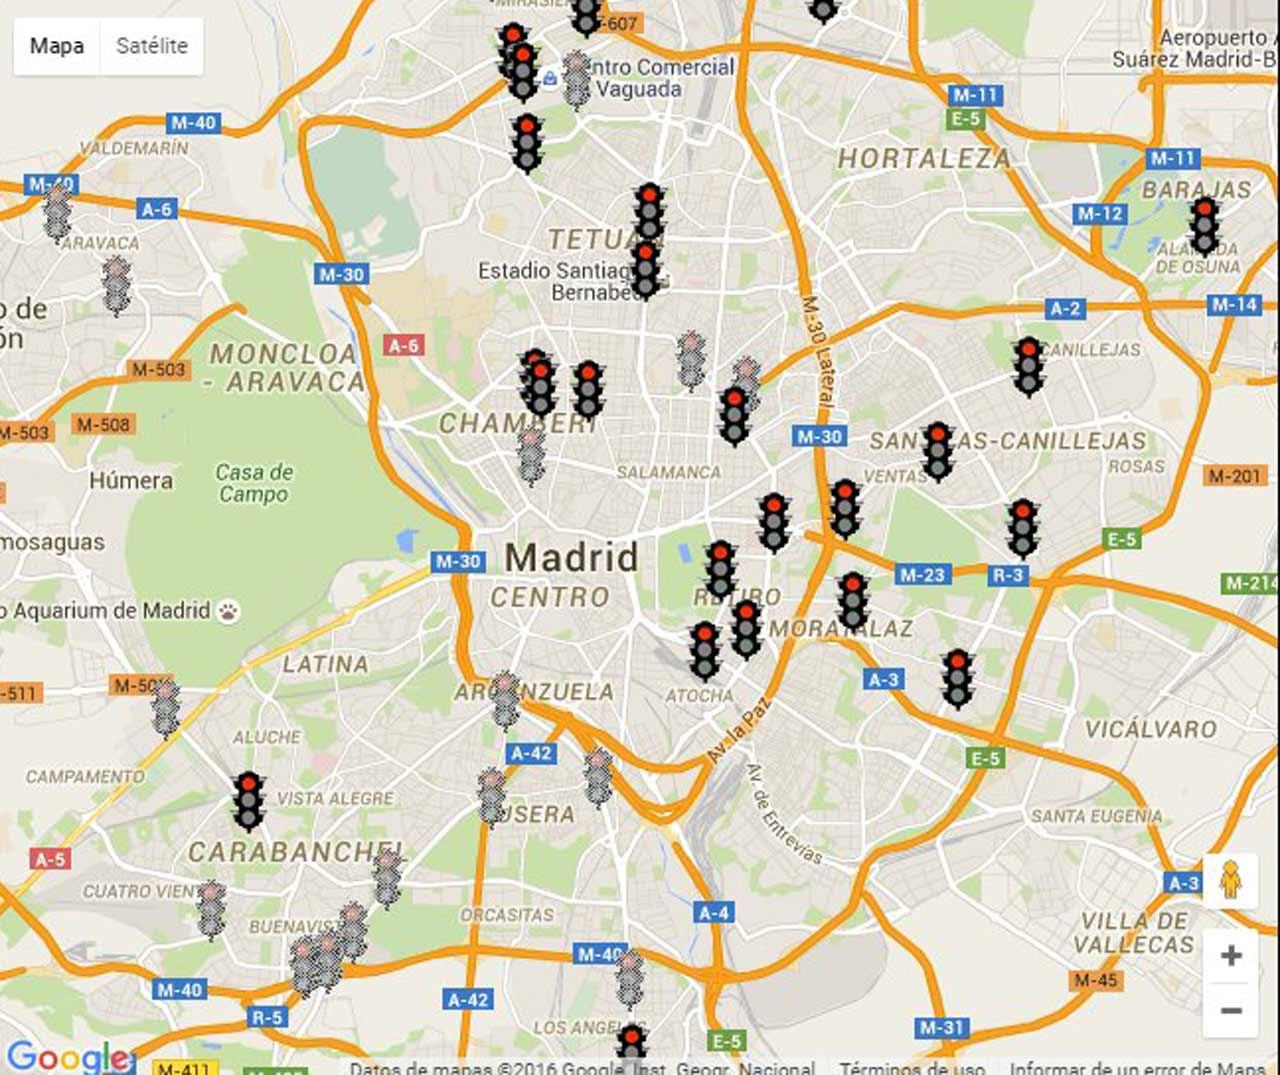 Cámaras foto-rojo en Madrid